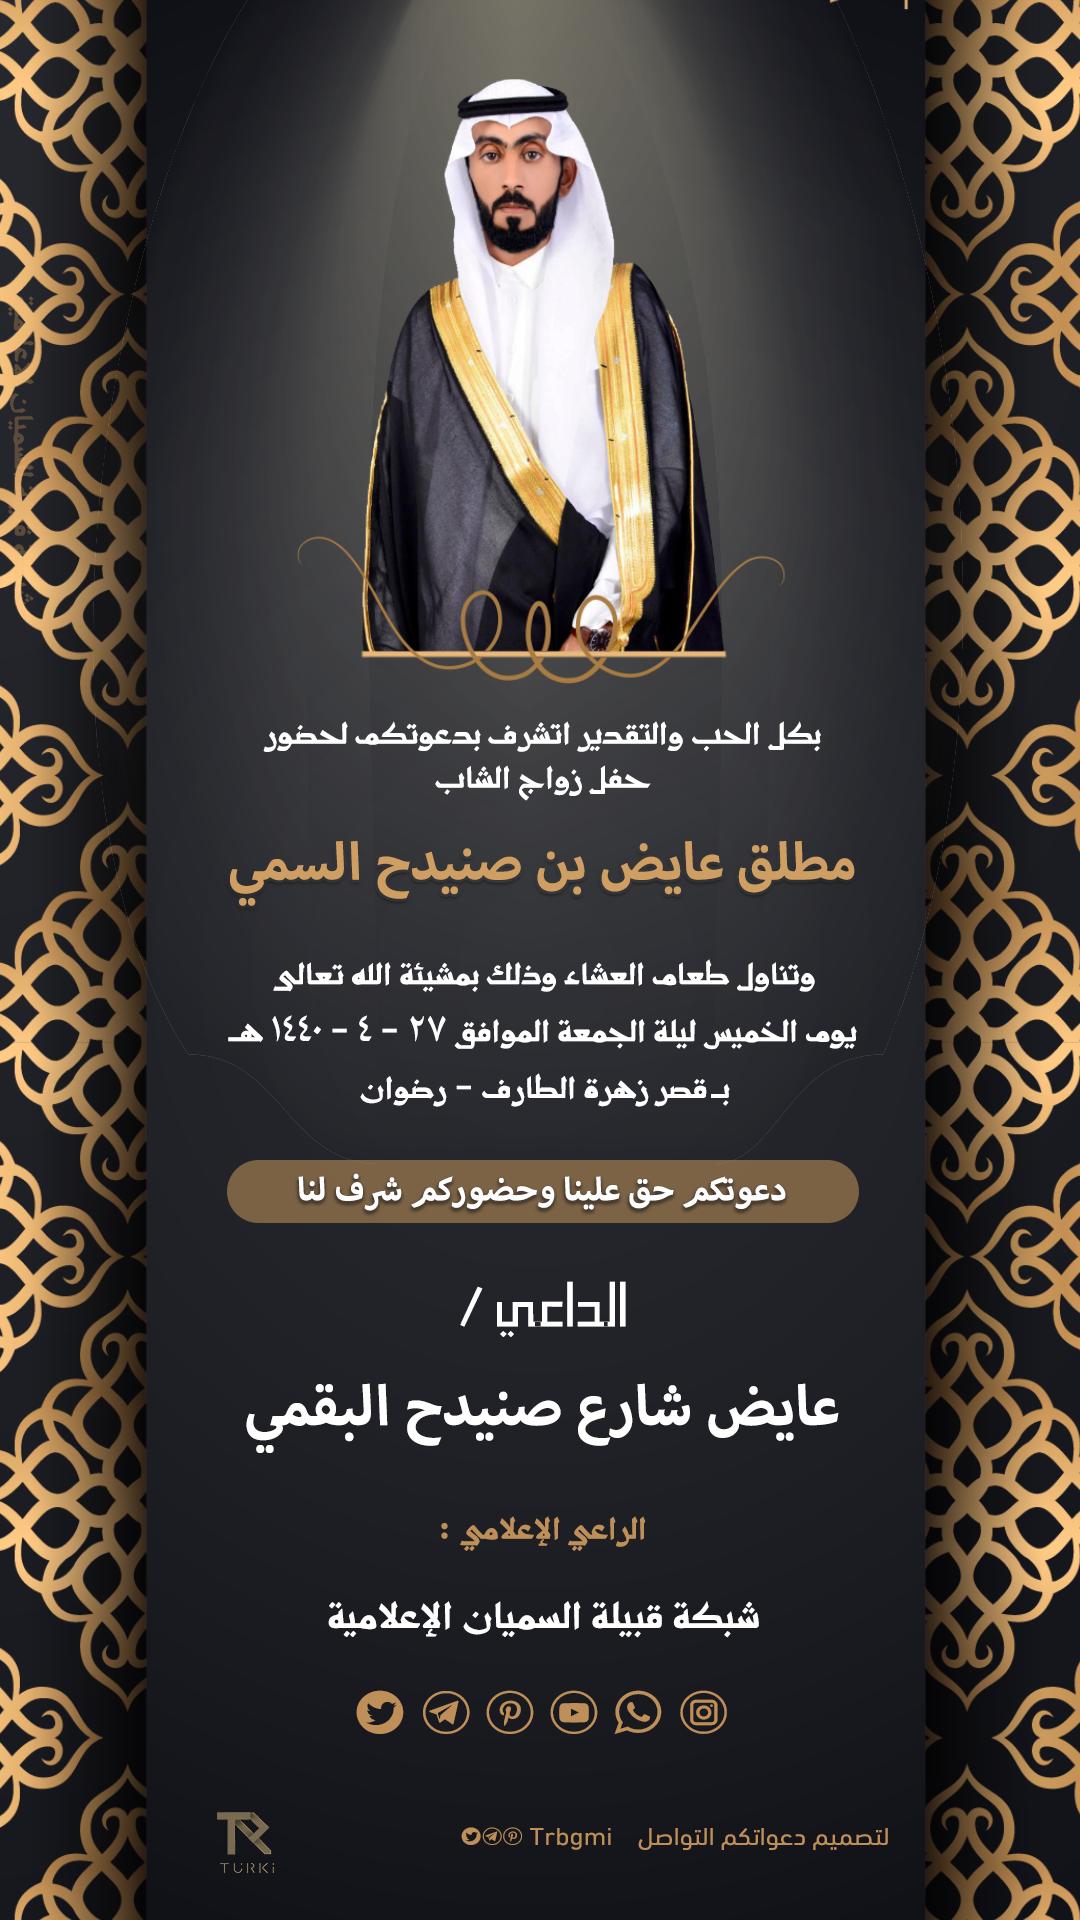 دعوة زواج كرت زواج Digital Wedding Invitations Arabic Henna Designs Digital Weddings